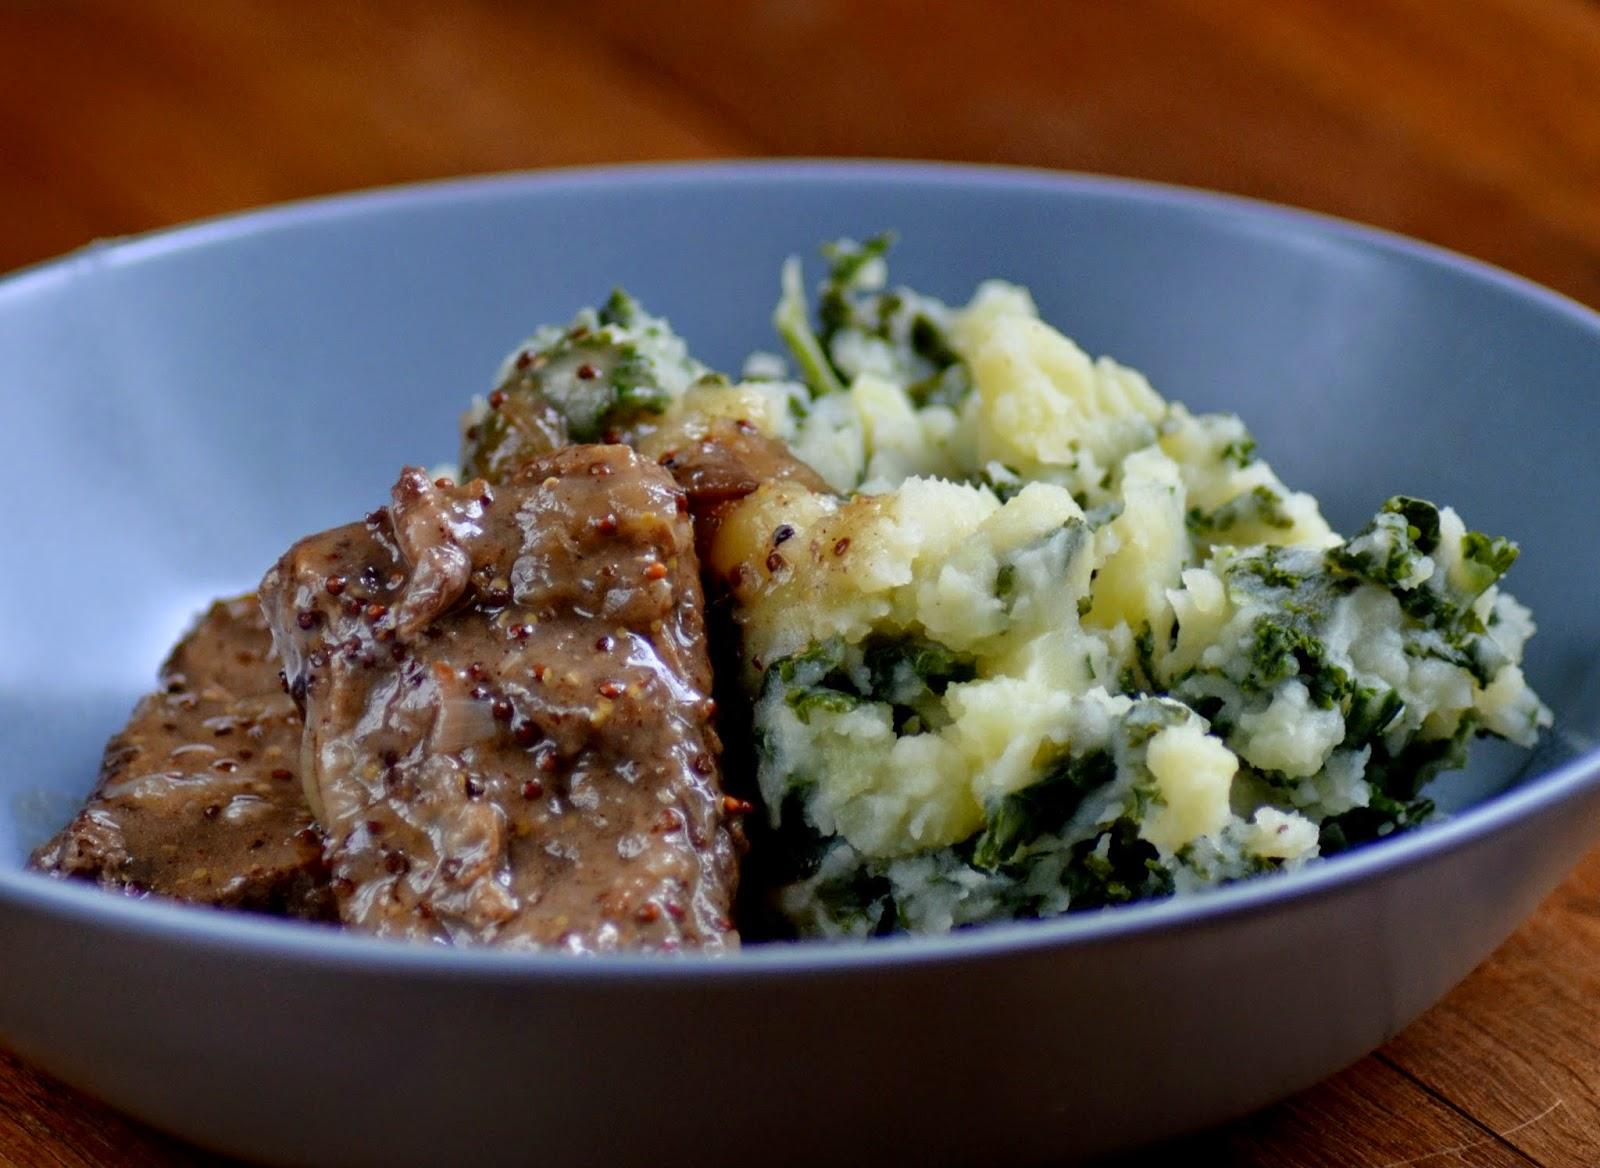 Boerenkool en runderstoofvlees met bier en mosterd